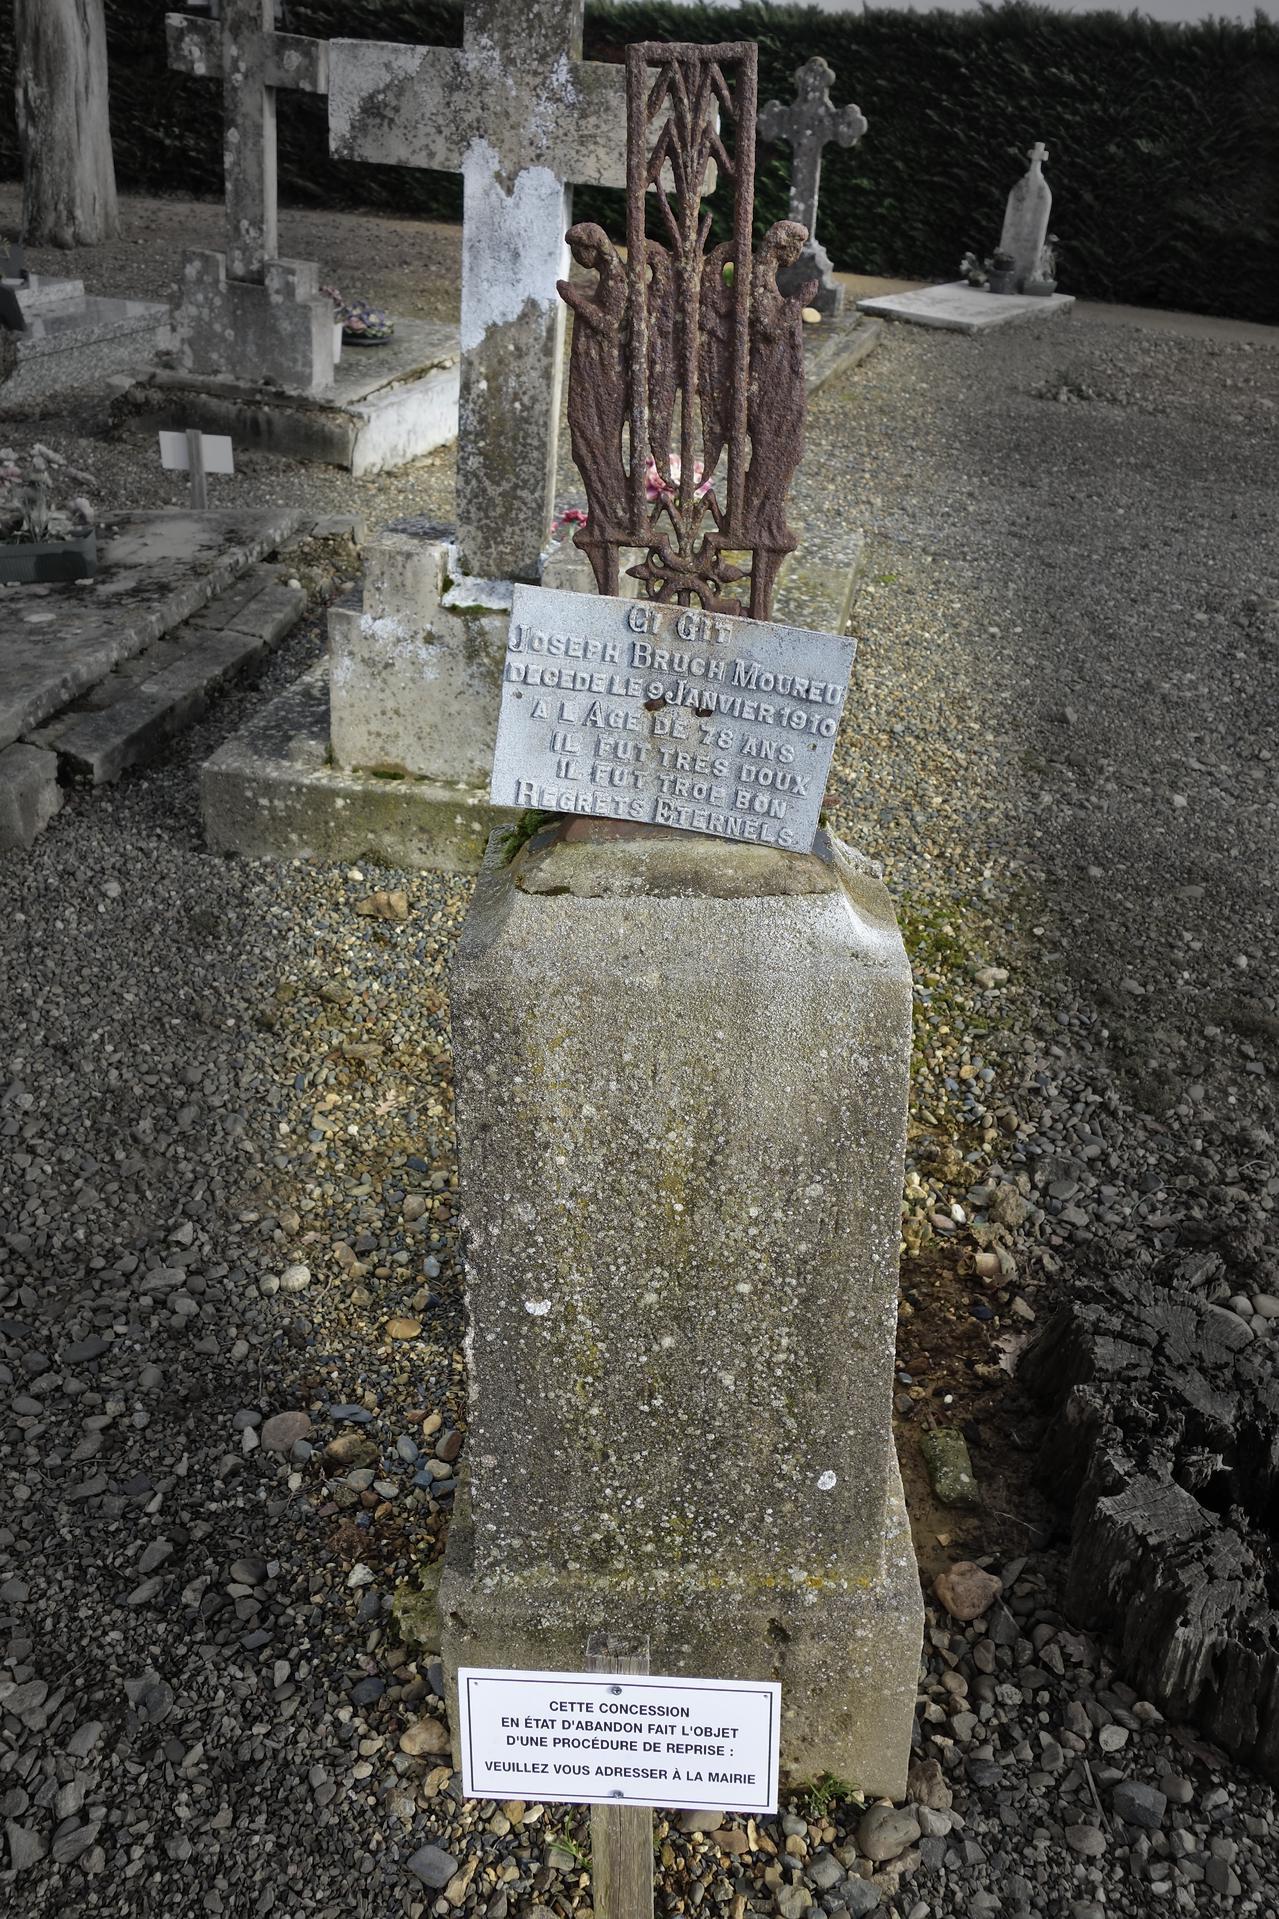 Épitaphe élogieuse sur une tombe abandonnée sous procédure de reprise